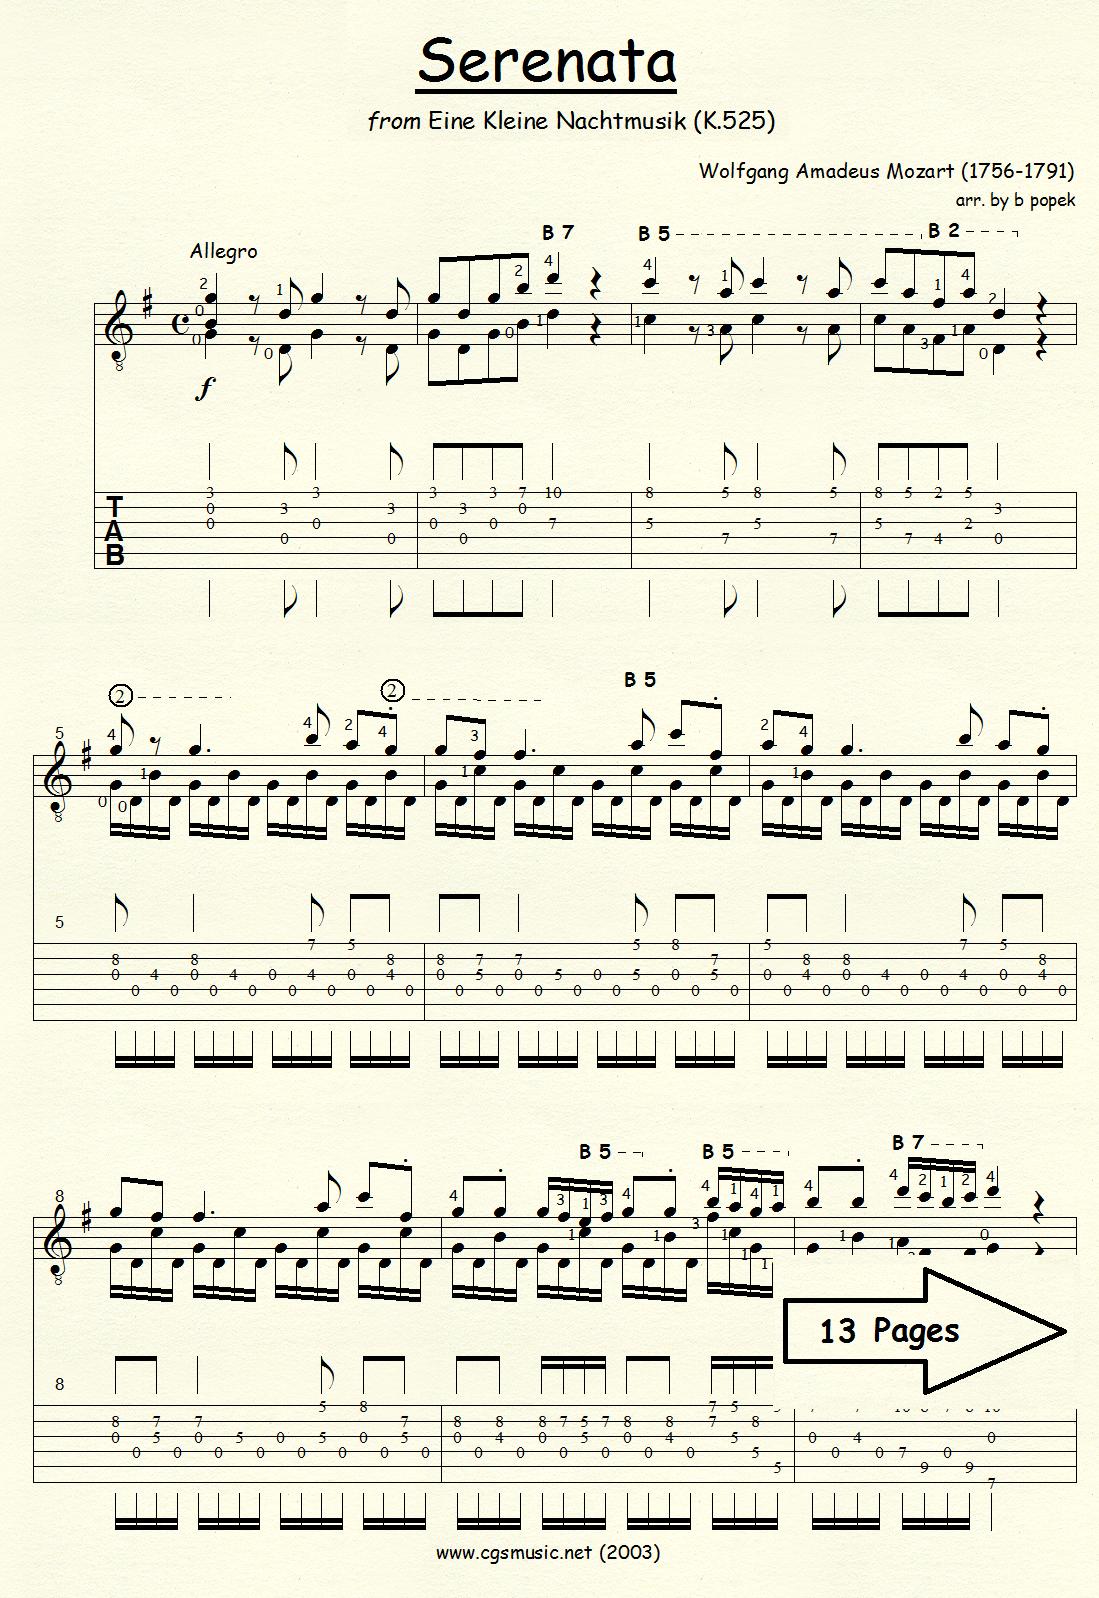 Serenata from Eine Kleine Nachtmusik (Mozart) for Classical Guitar in Tablature